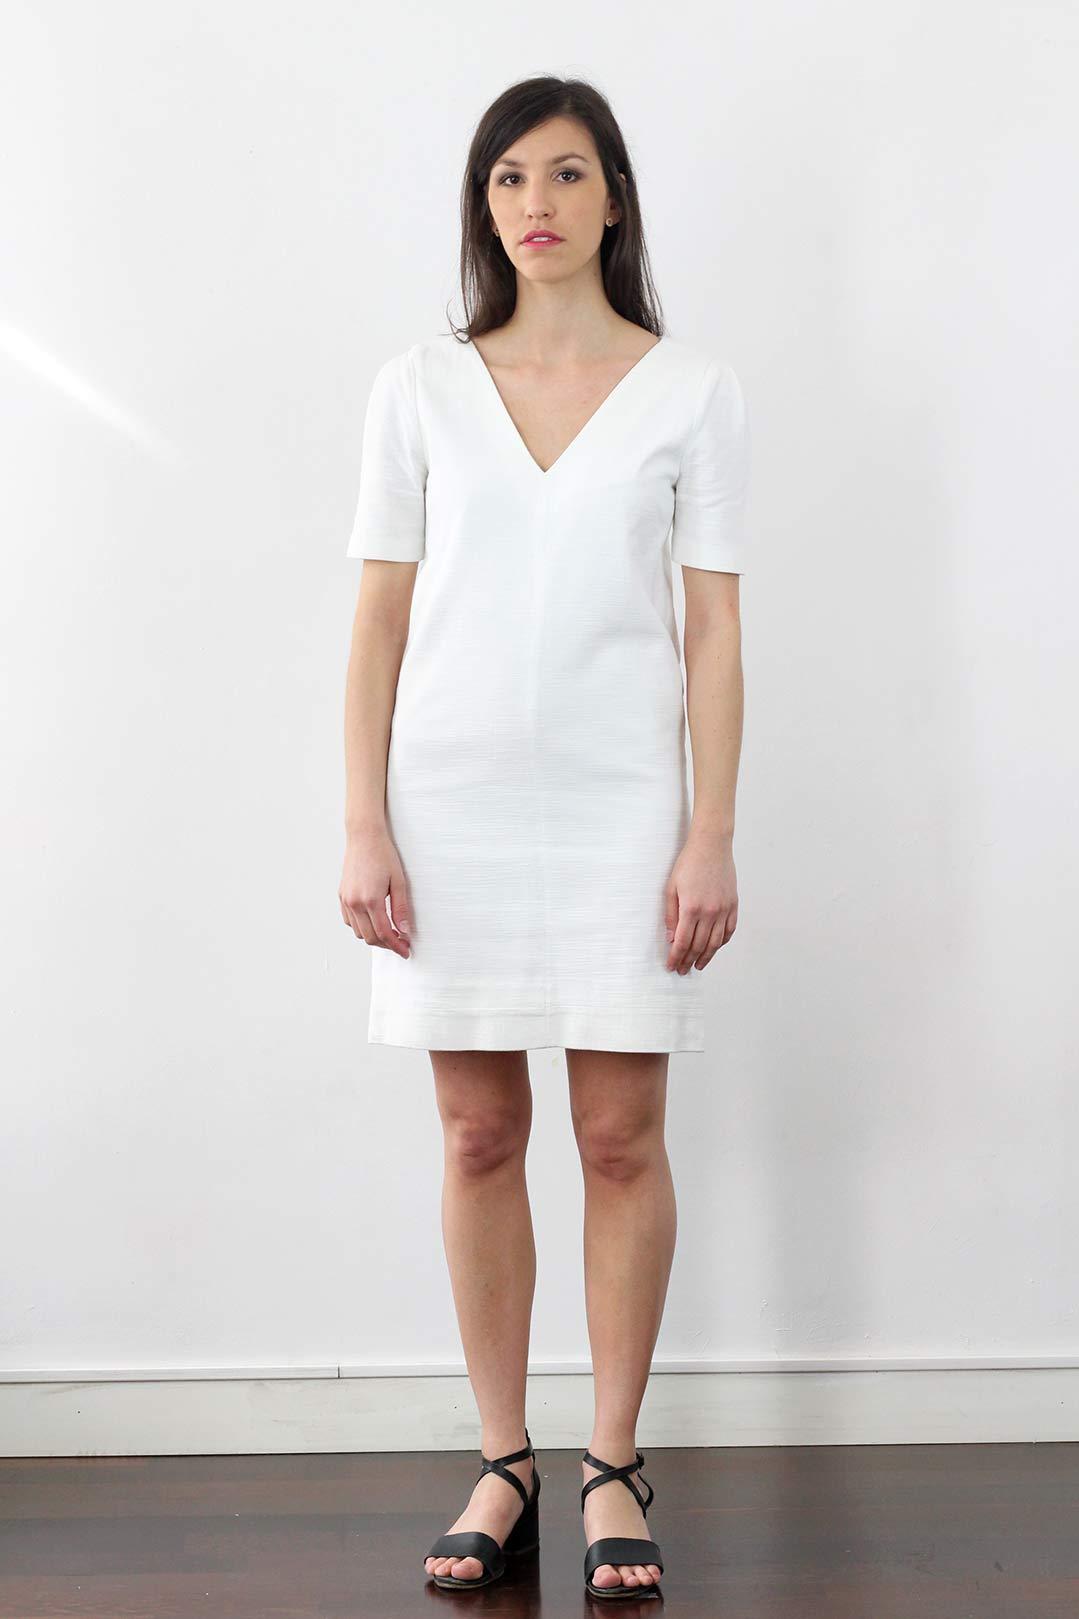 plus récent 851ba 59a08 Robe blanche manche 3/4 en coton - Eloïse